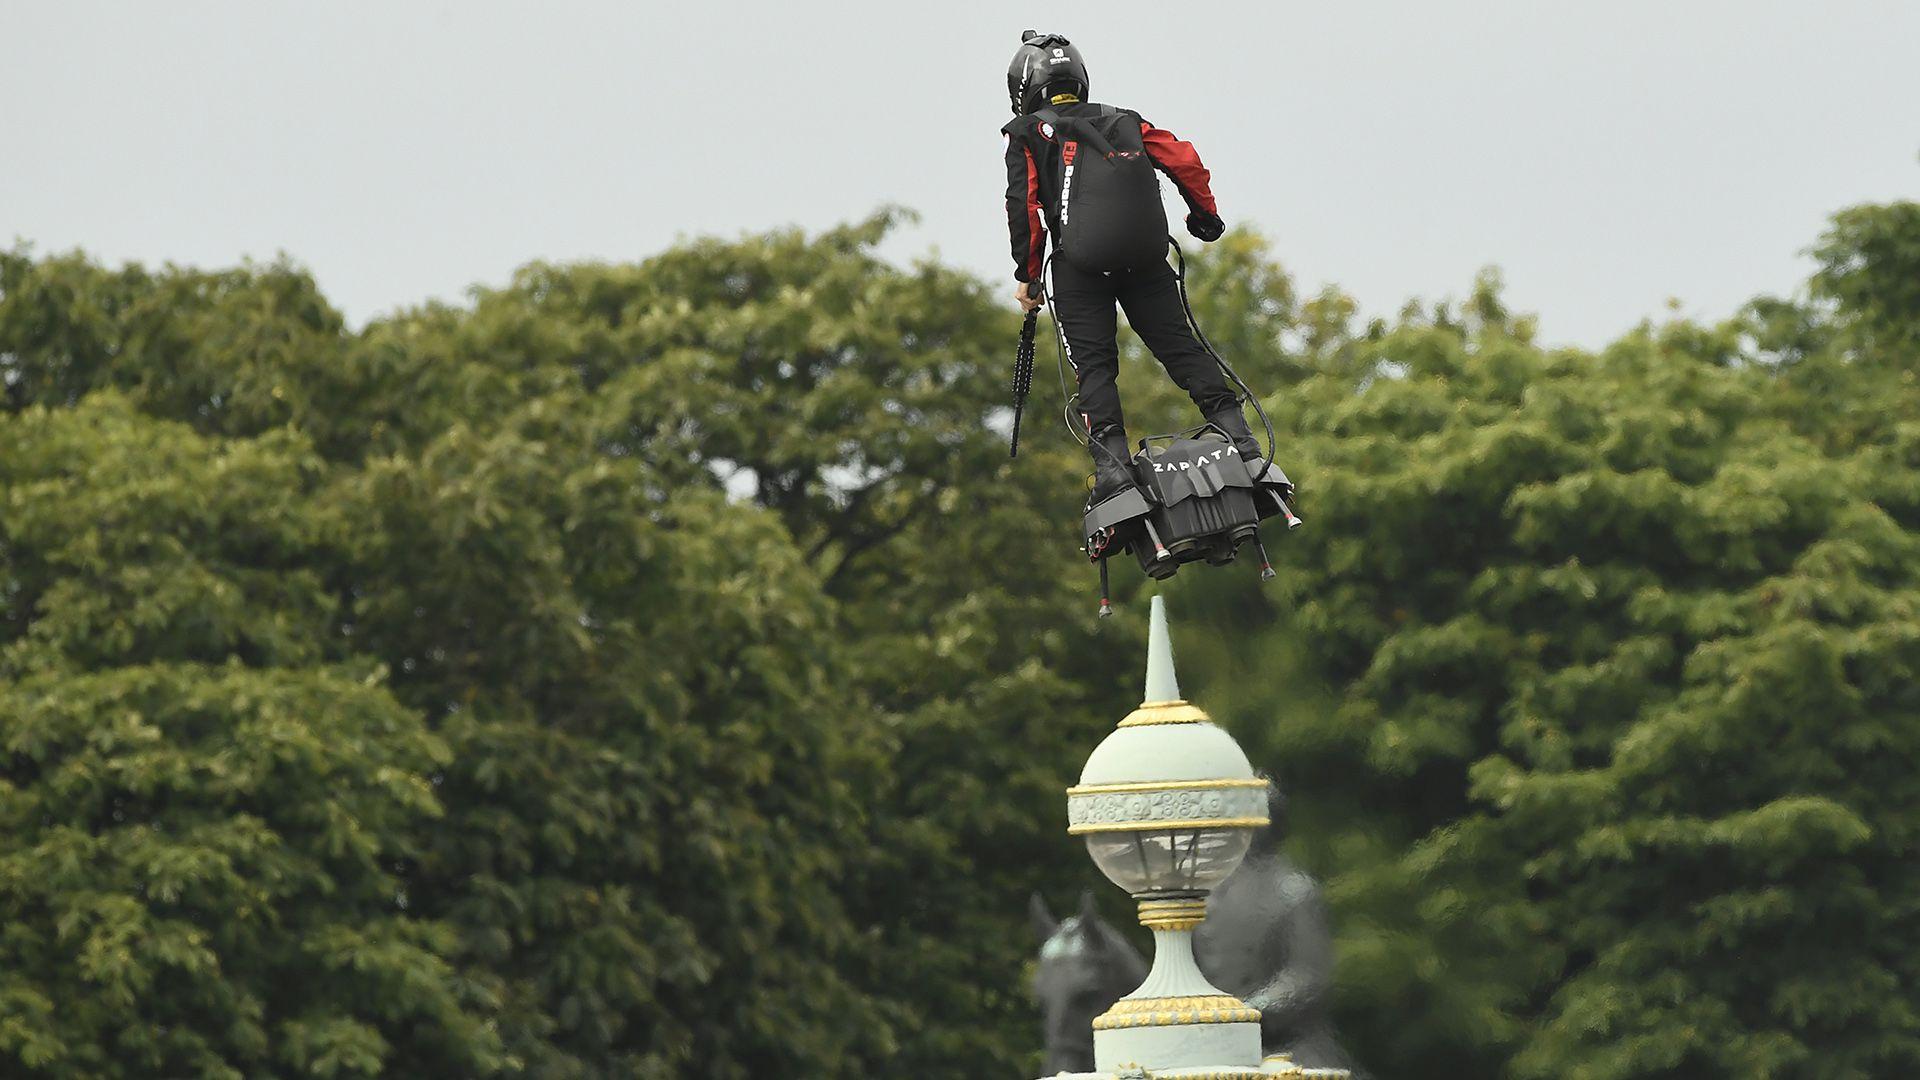 La invención de Zapata ha captado la atención de los militares franceses (AFP)